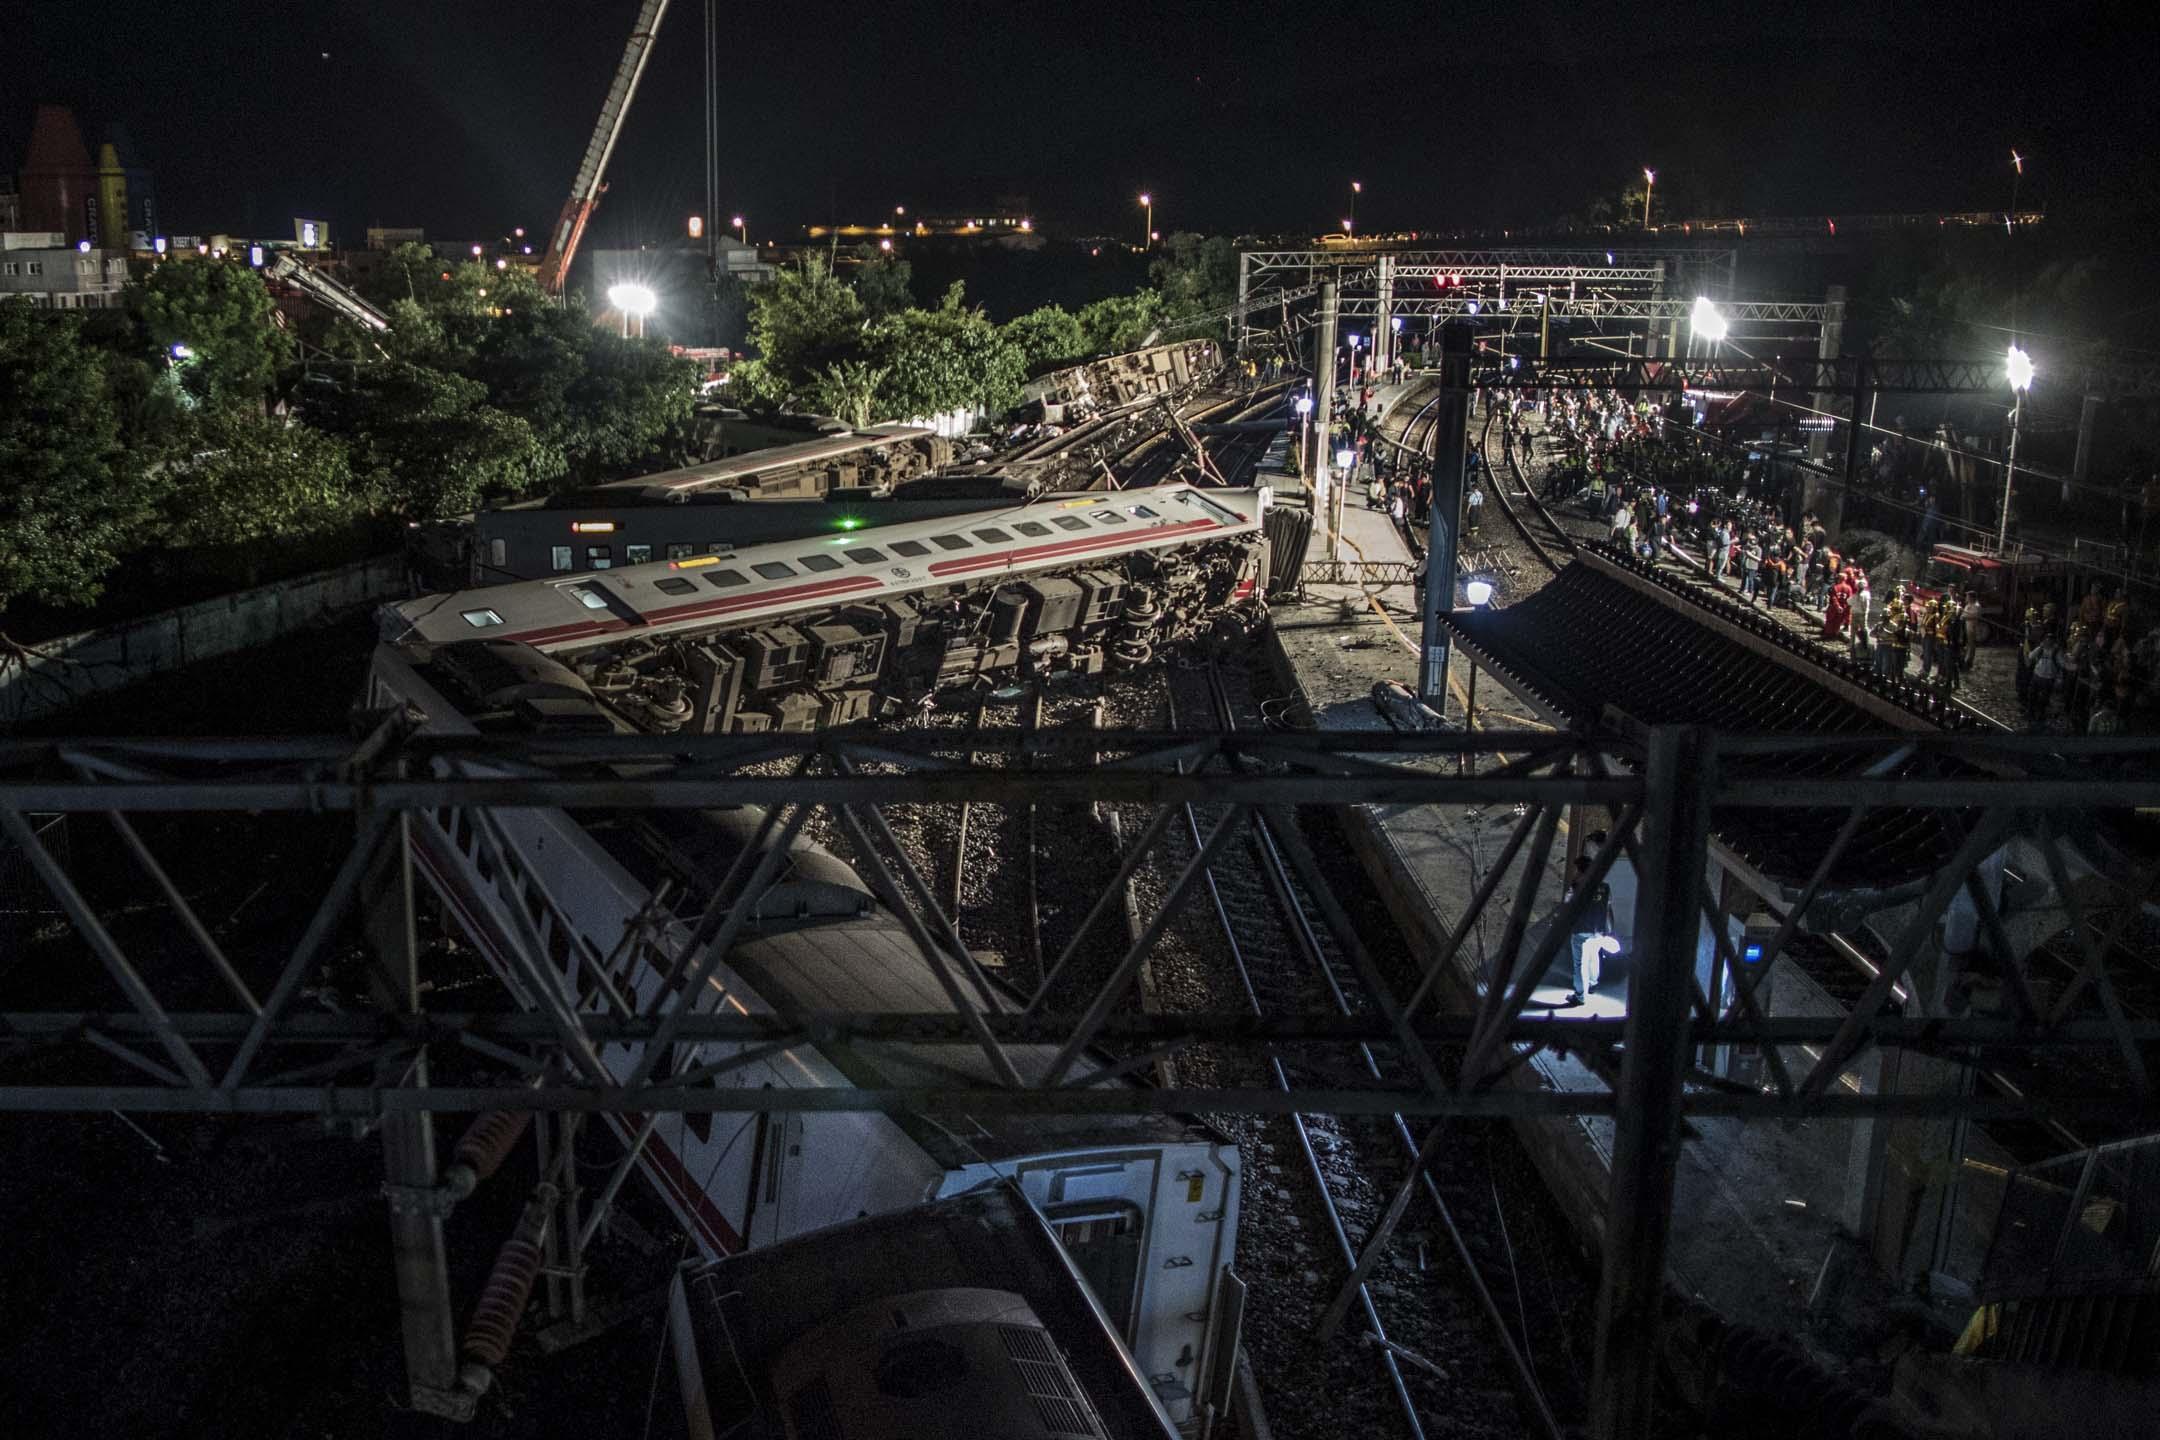 2018年10月21日,臺鐵北迴線普悠瑪列車於宜蘭縣蘇澳鎮新馬車站發生出軌意外,八節車廂脫離軌道,五節車廂翻覆,造成18人死亡,210人受傷。